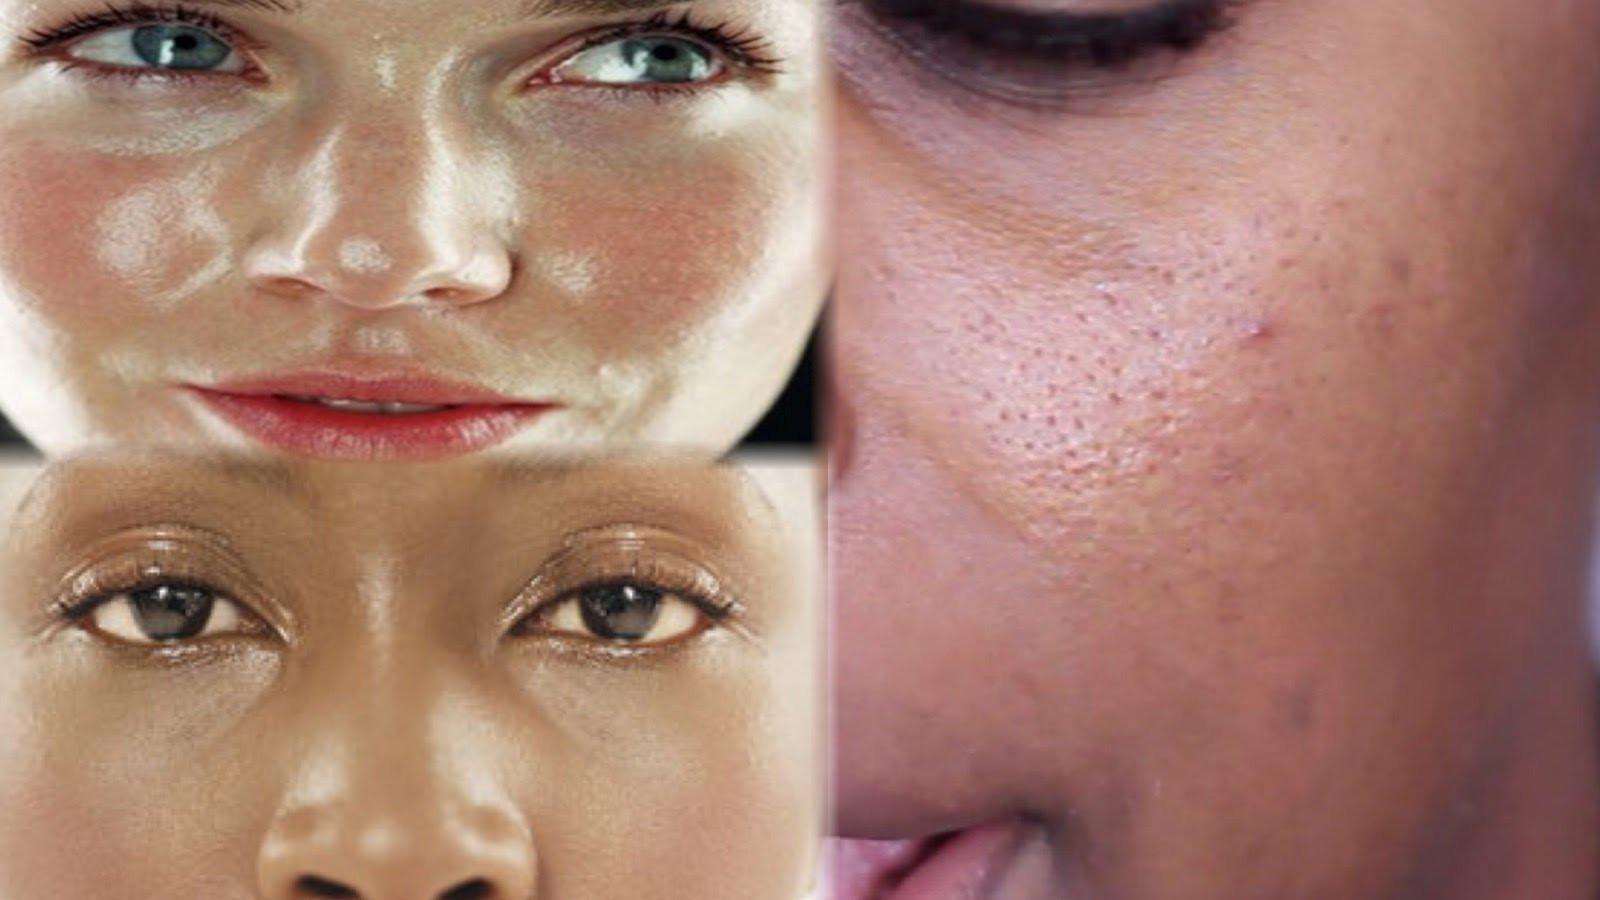 Жирная кожа склонна к воспалениям